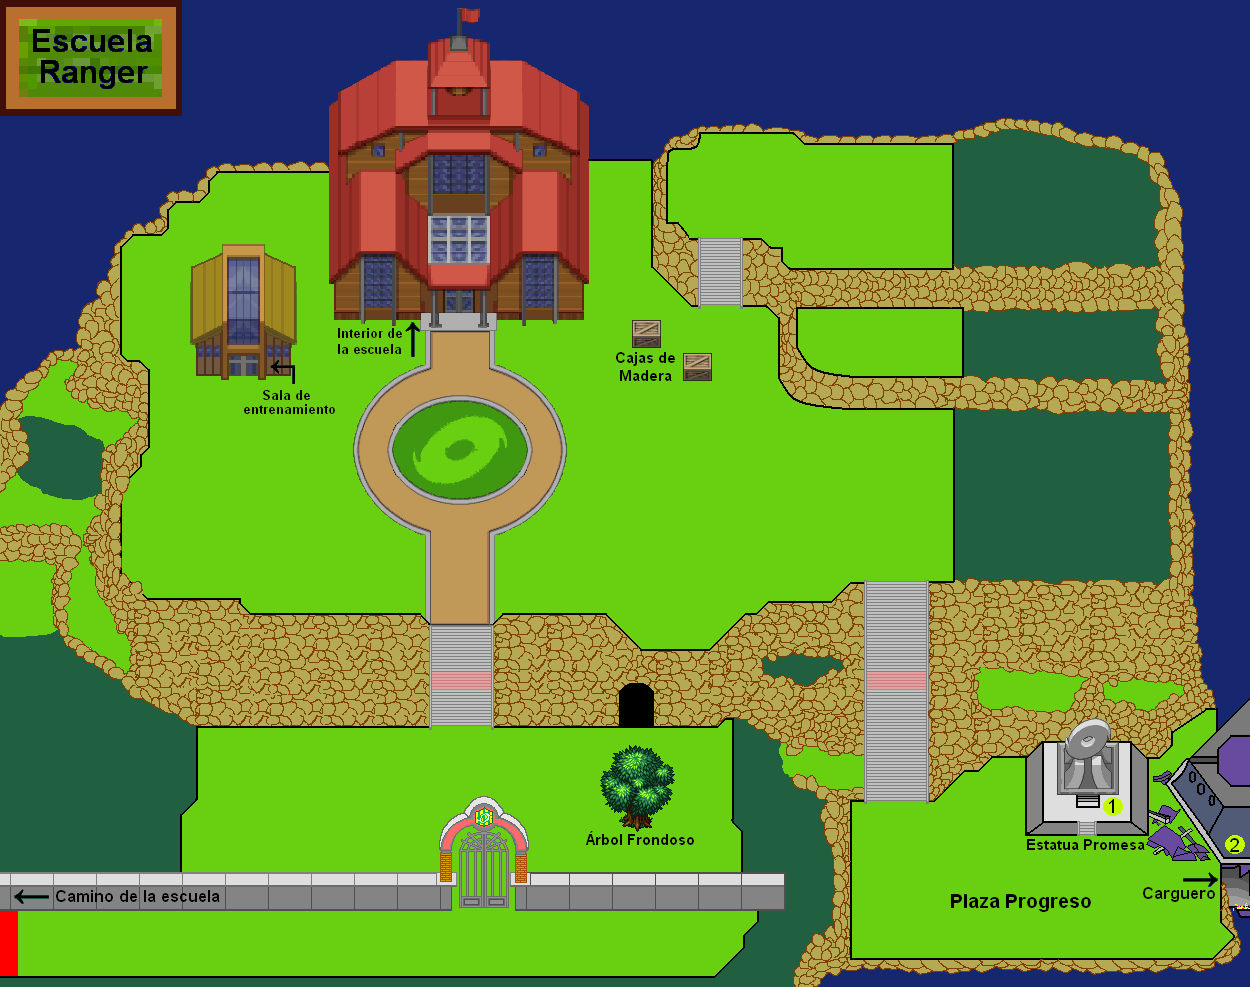 Plano exterior de la Escuela Ranger.